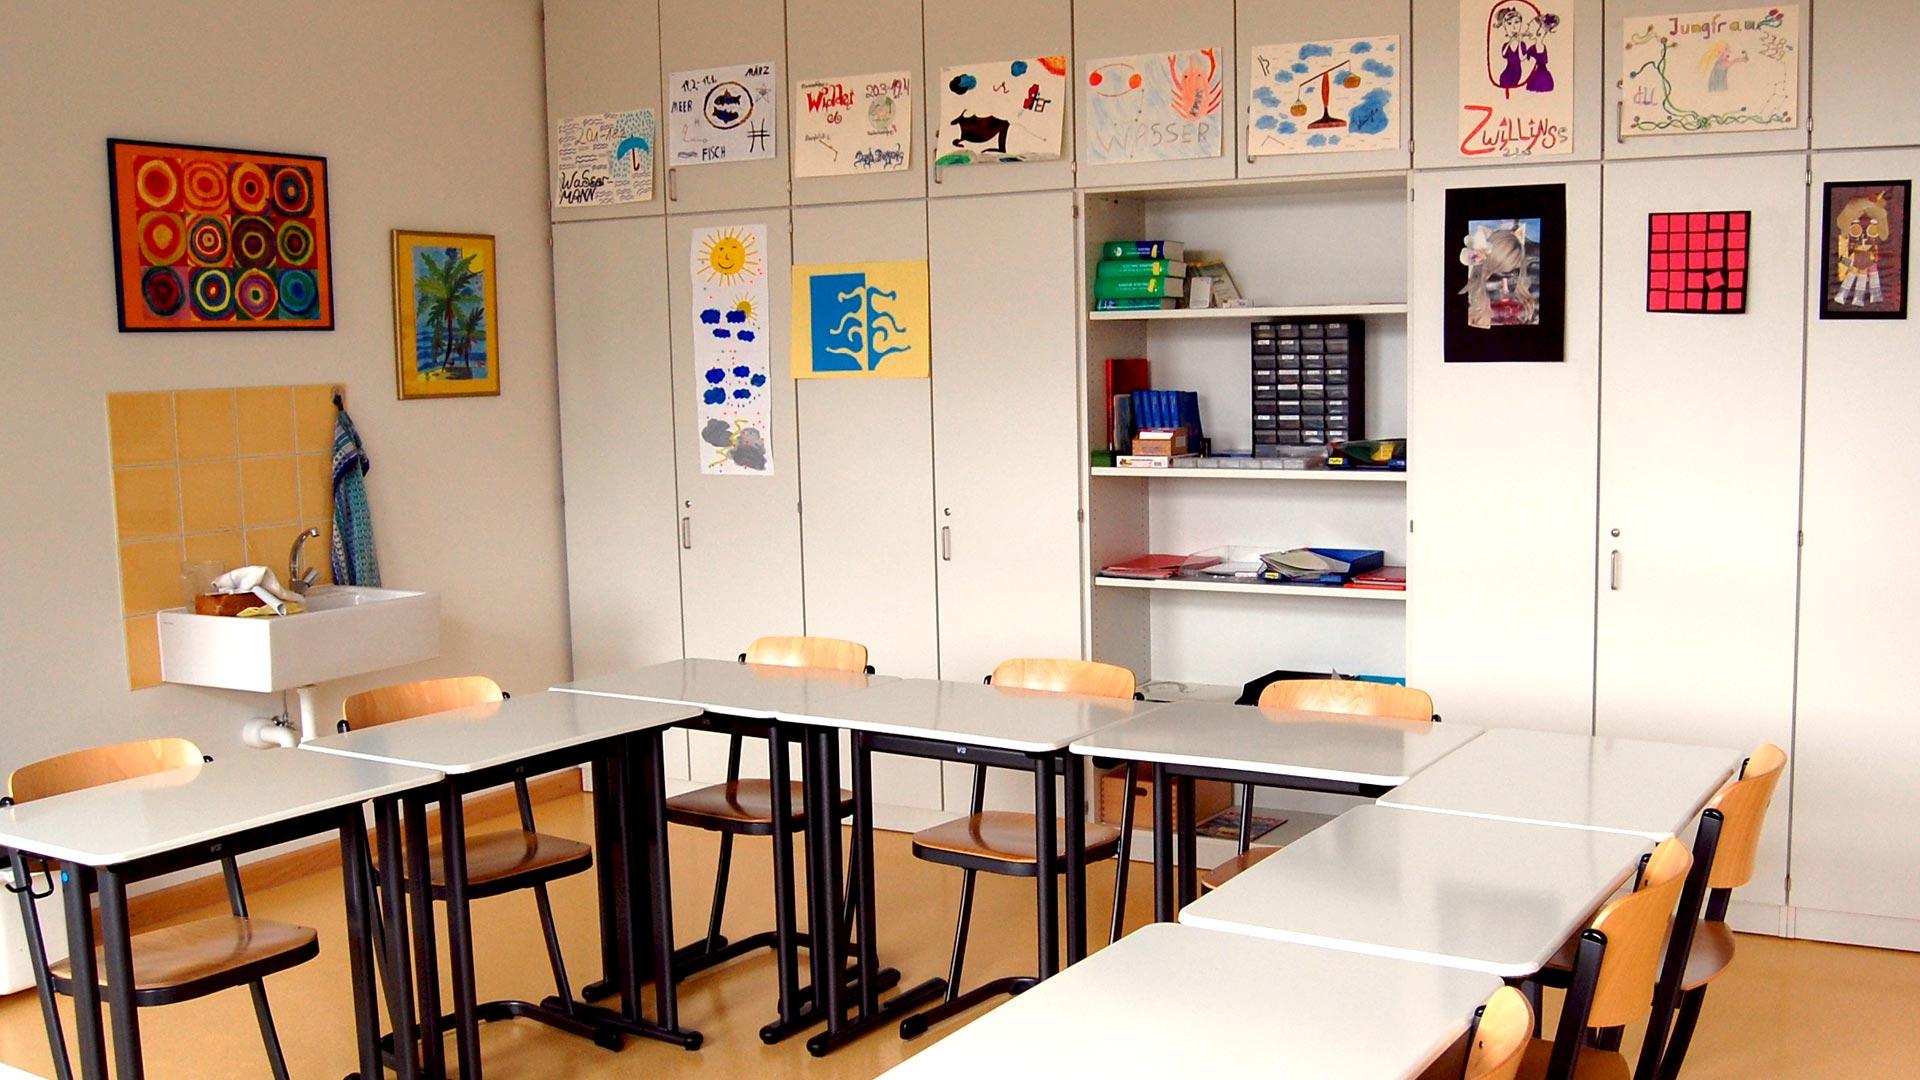 Klassenzimmer mit Wandschränken